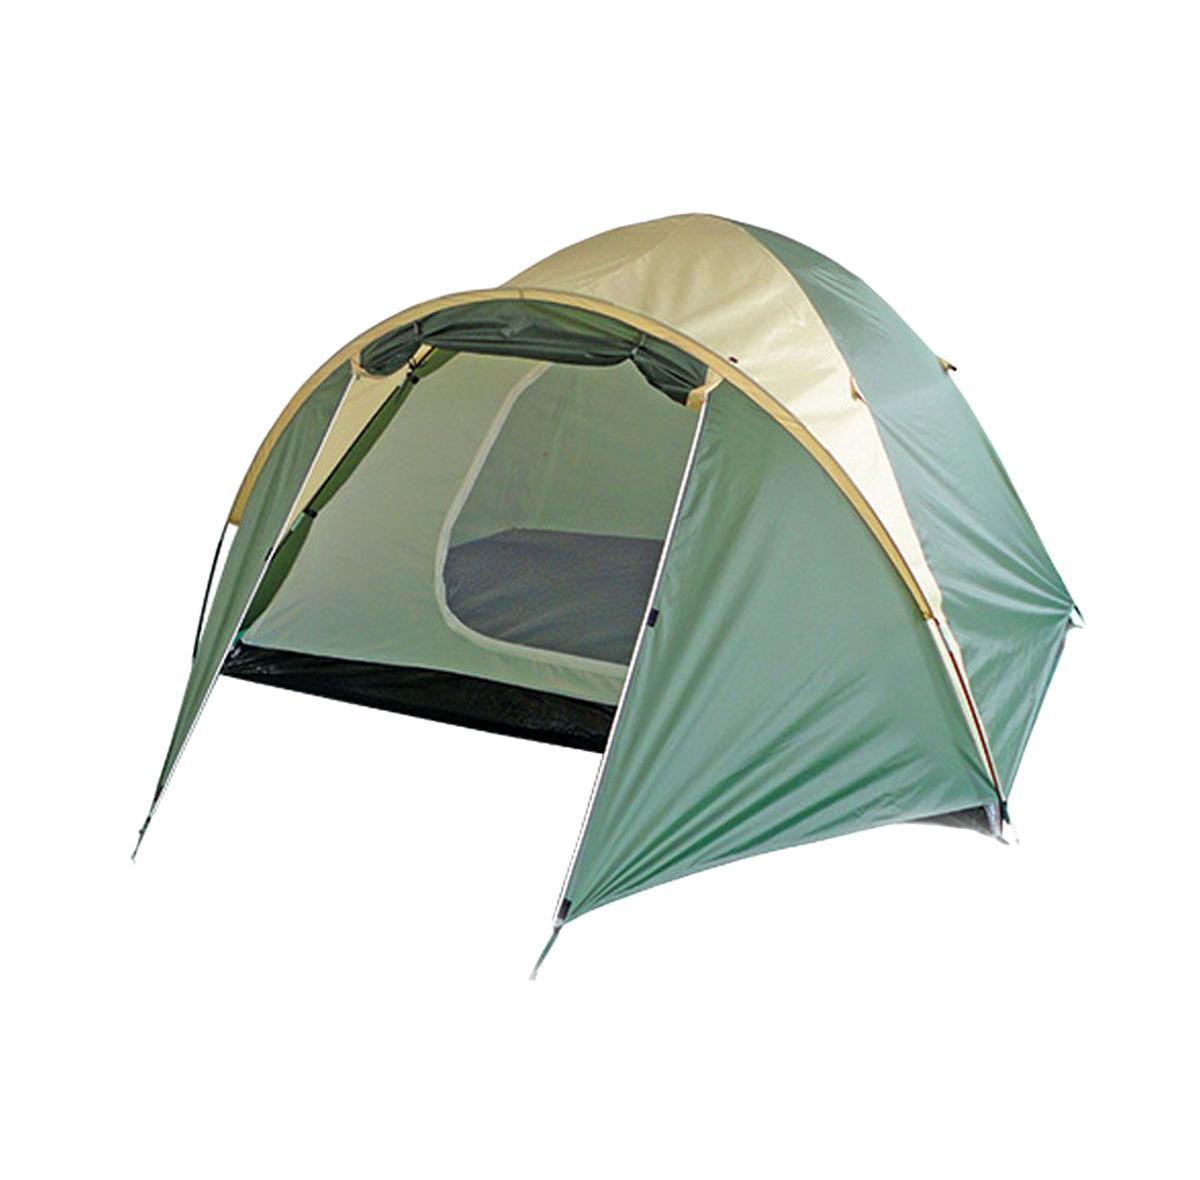 Палатка Happy Camper PL-025-4P25383-303-00Эта палатка сочетает в себе качества простой кемпинговой палатки, в которой можно разместиться всей семьей, и собирается так же легко, как треккинговые. В ней имеется тамбур для хранения вещей. Внутренняя дверь продублирована противомоскитной сеткой, а благодаря внутренним карманам все необходимые вещи всегда будут под рукой.Особенности:Проклеенные швы;Внутренний тент может устанавливаться отдельно;Два окна из дышащего полиэстера. Характеристики: Размер палатки в разложенном виде (ДхШхВ): 350 см х 210 см х 140 см. Наружный тент:190T полиэстер с полиуретановым покрытием. Внутренняя палатка: дышащий полиэстер. Дно: 110G полиэтилен. Каркас:дуги из фибергласа диаметром 8,5 мм. Вес:3500 г. Размер в сложенном виде: 61 см х 13 см х 13 см.